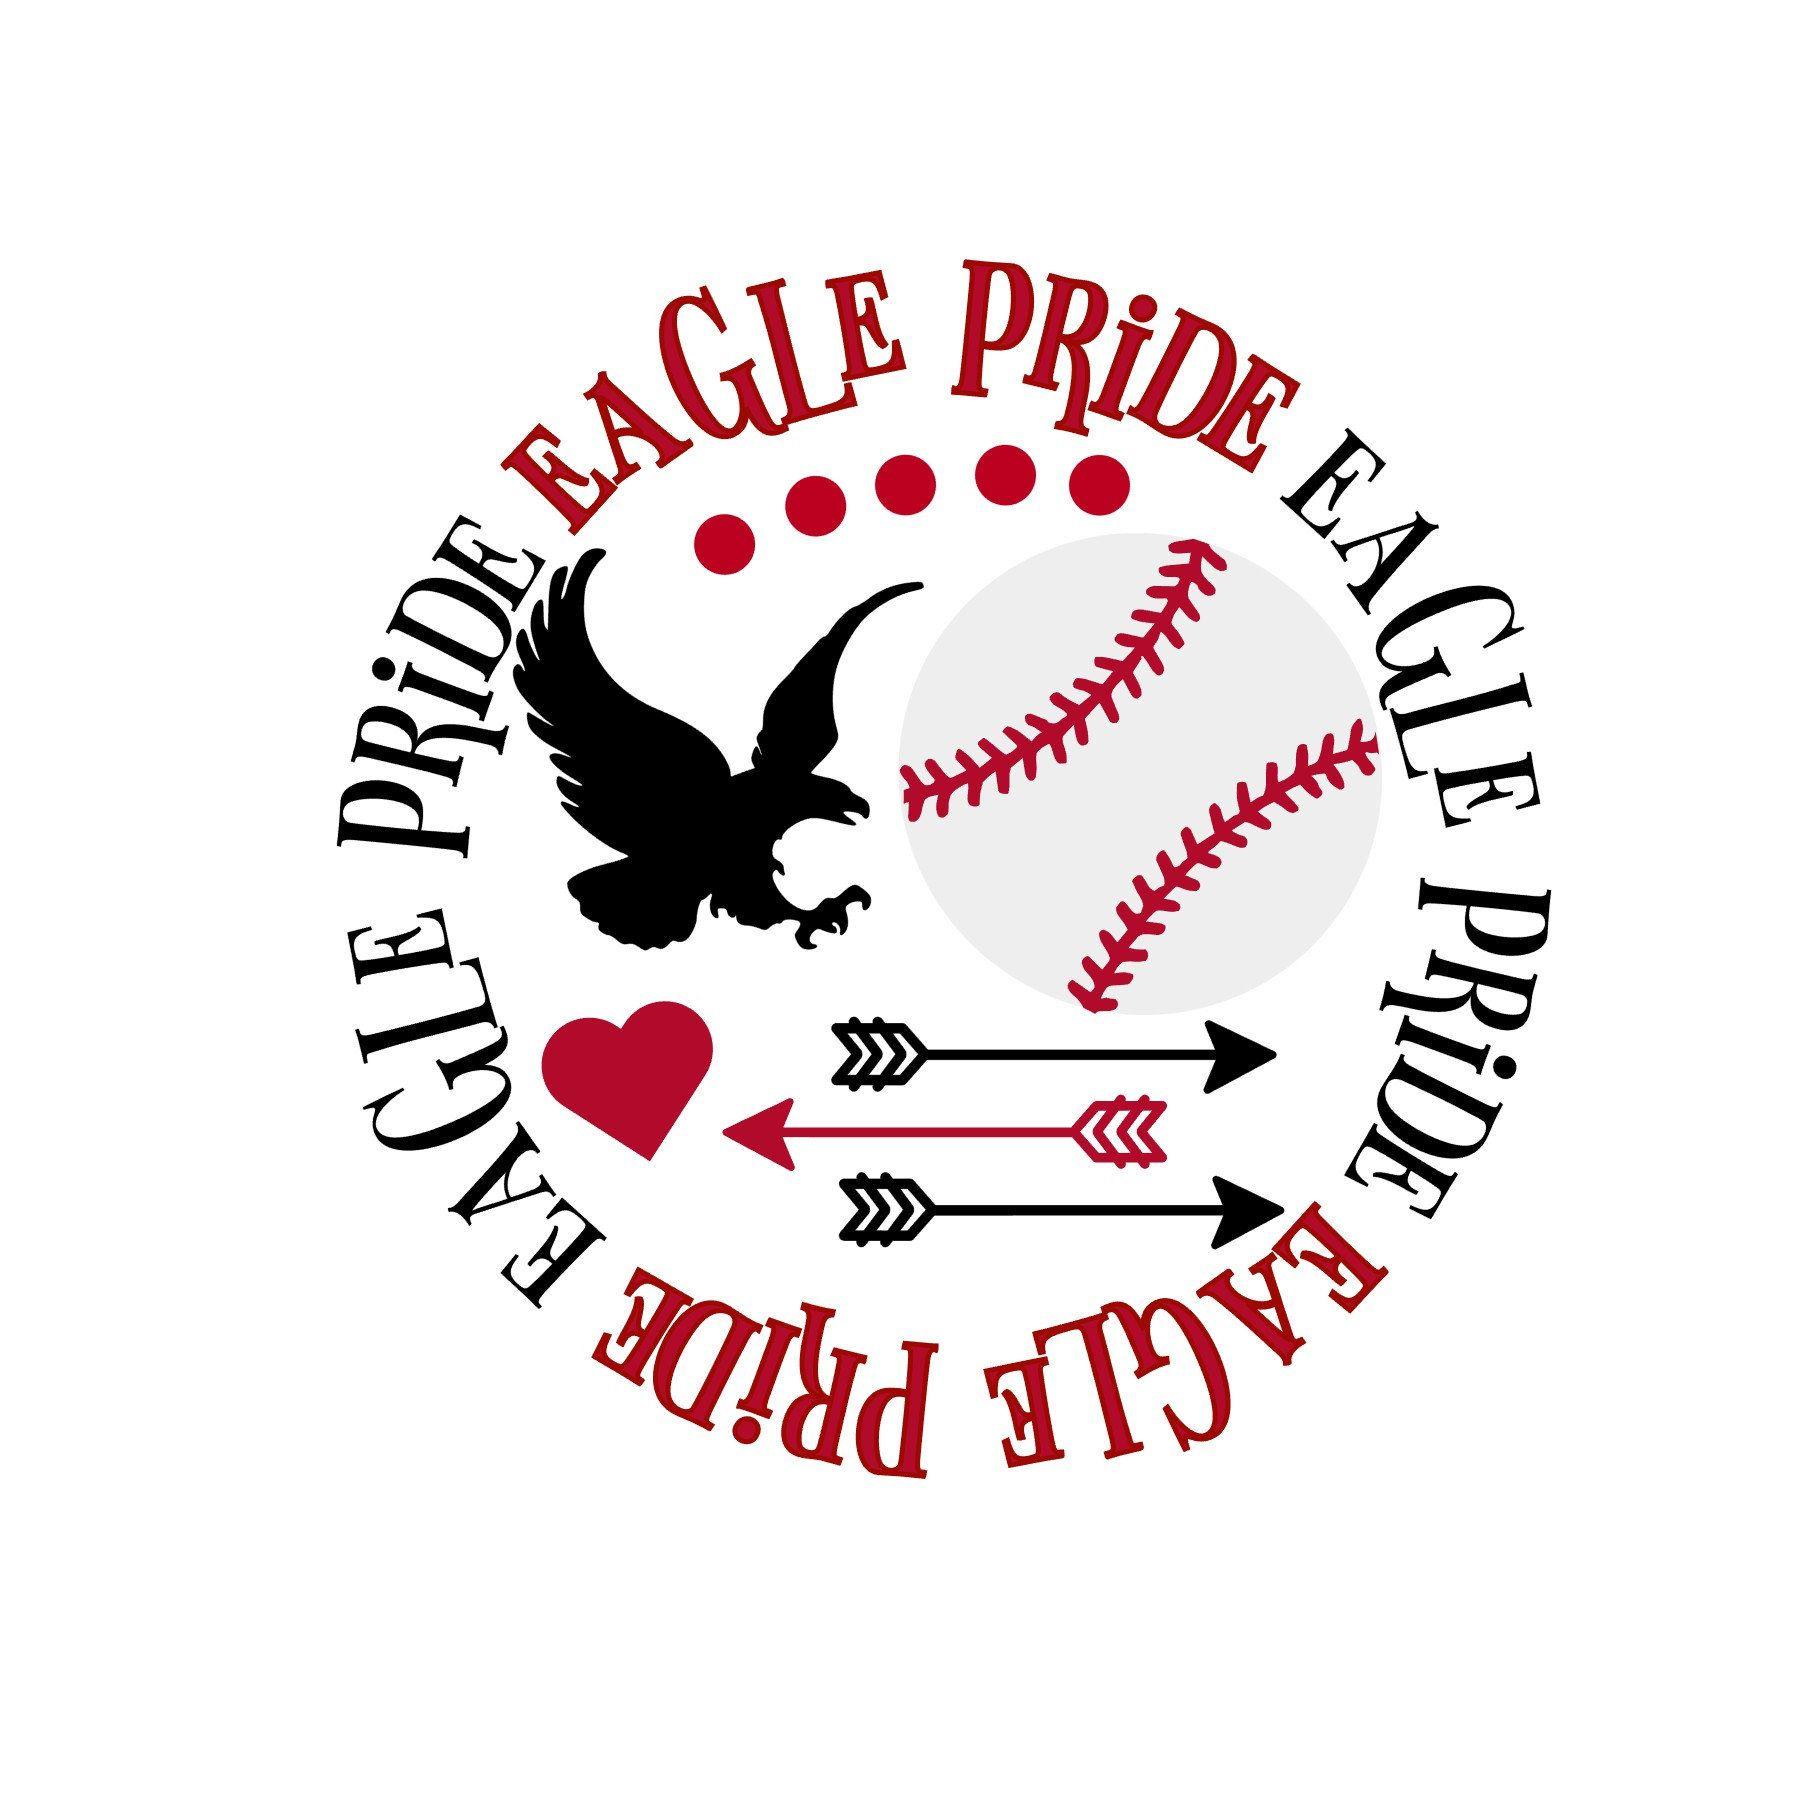 Eagle Pride Baseball SVG (With images) Baseball svg, Svg